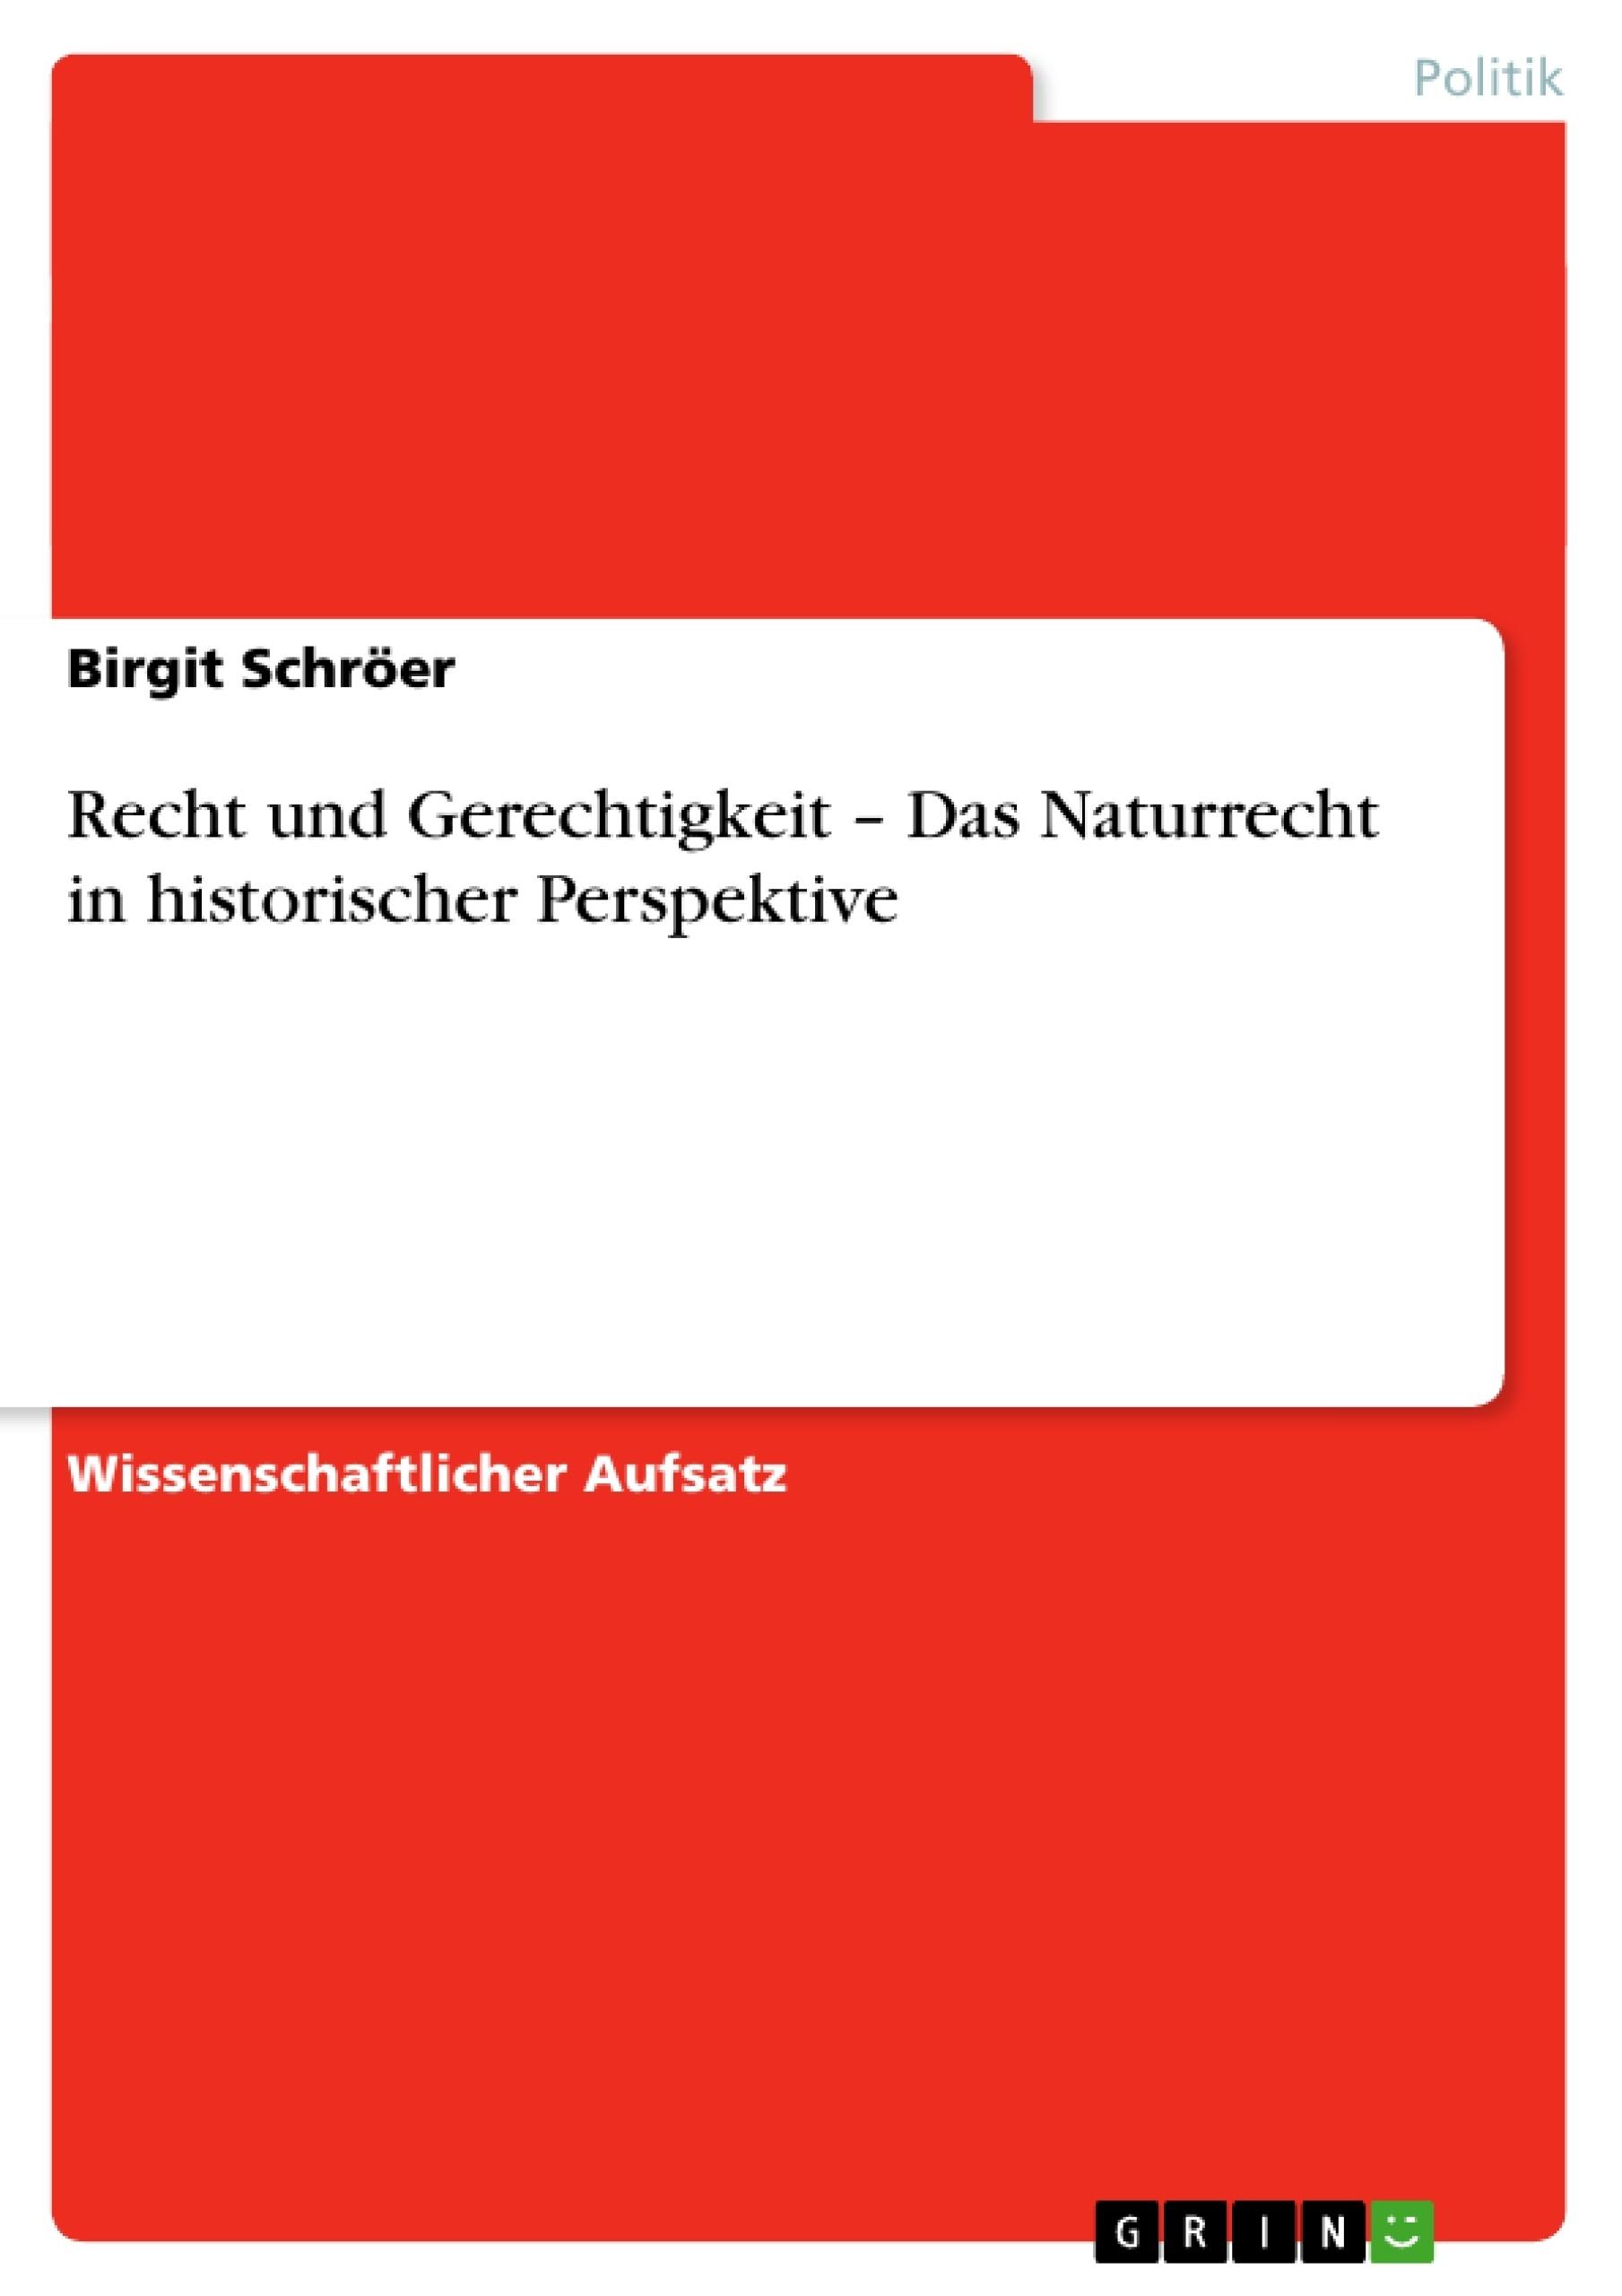 Titel: Recht und Gerechtigkeit – Das Naturrecht in historischer Perspektive